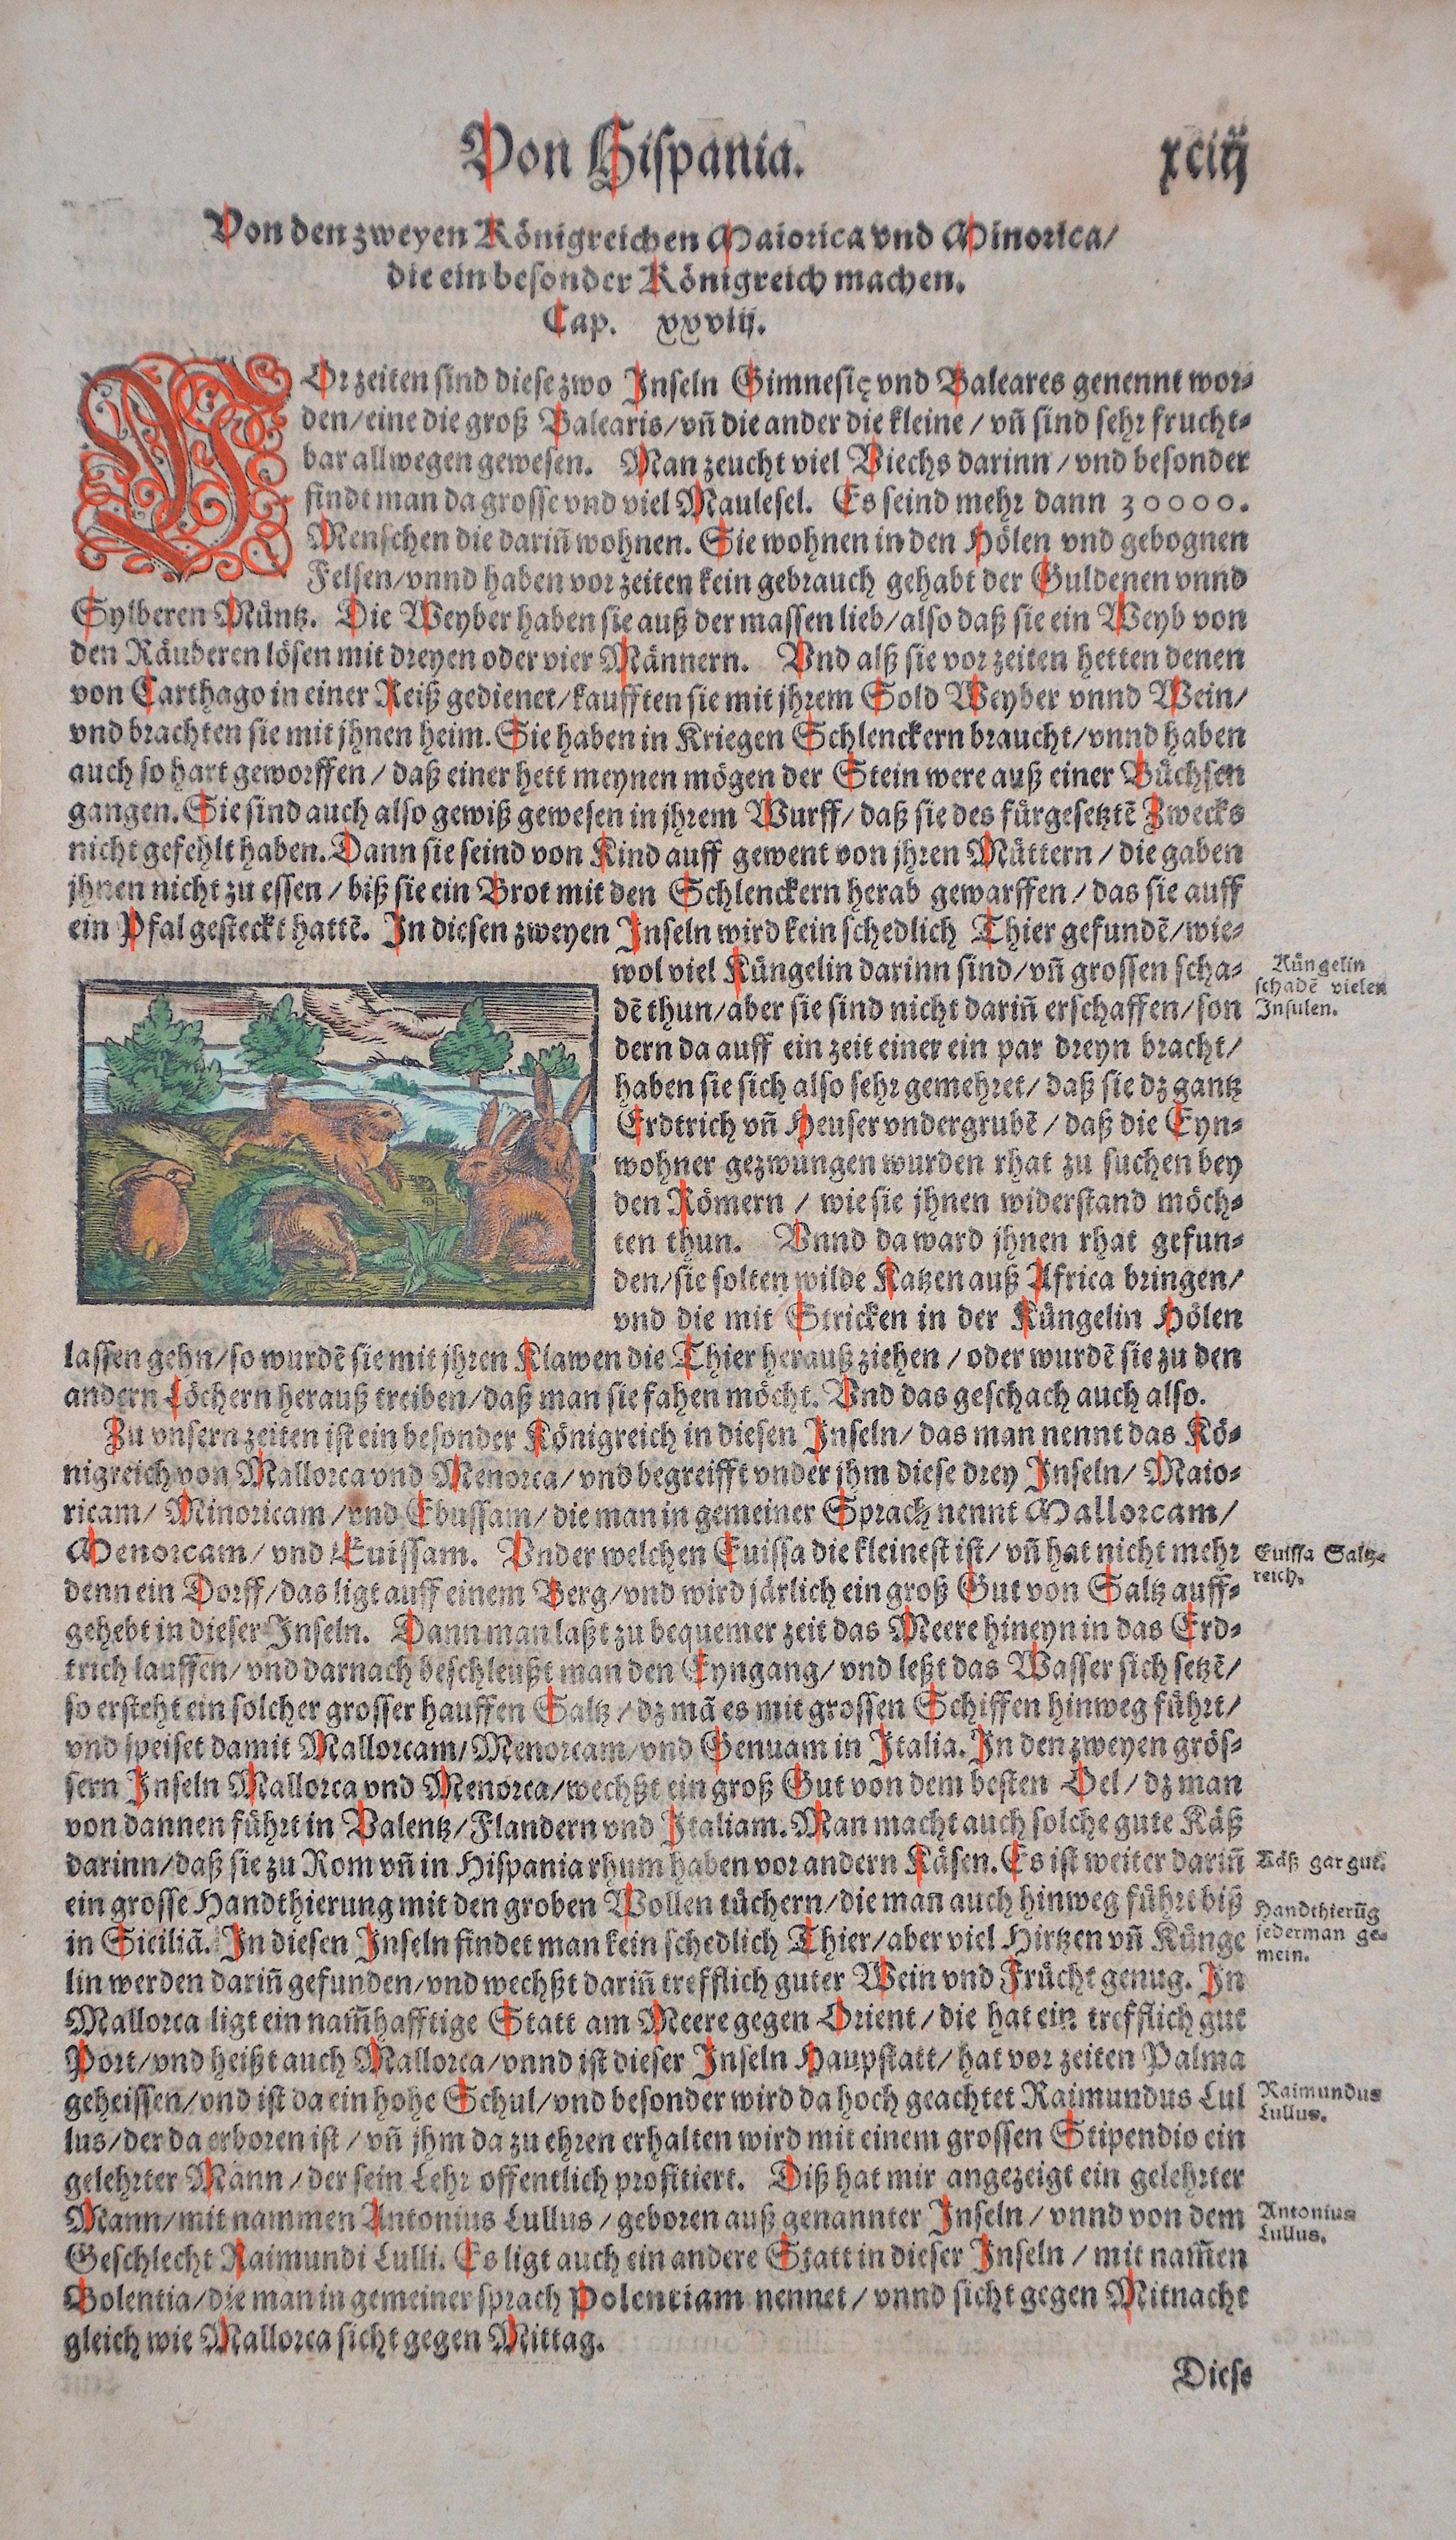 Münster Sebastian Von Hispania. Von den zweyen Königreichen Maiorica und Minorica / die ein besonder Königreich machen.